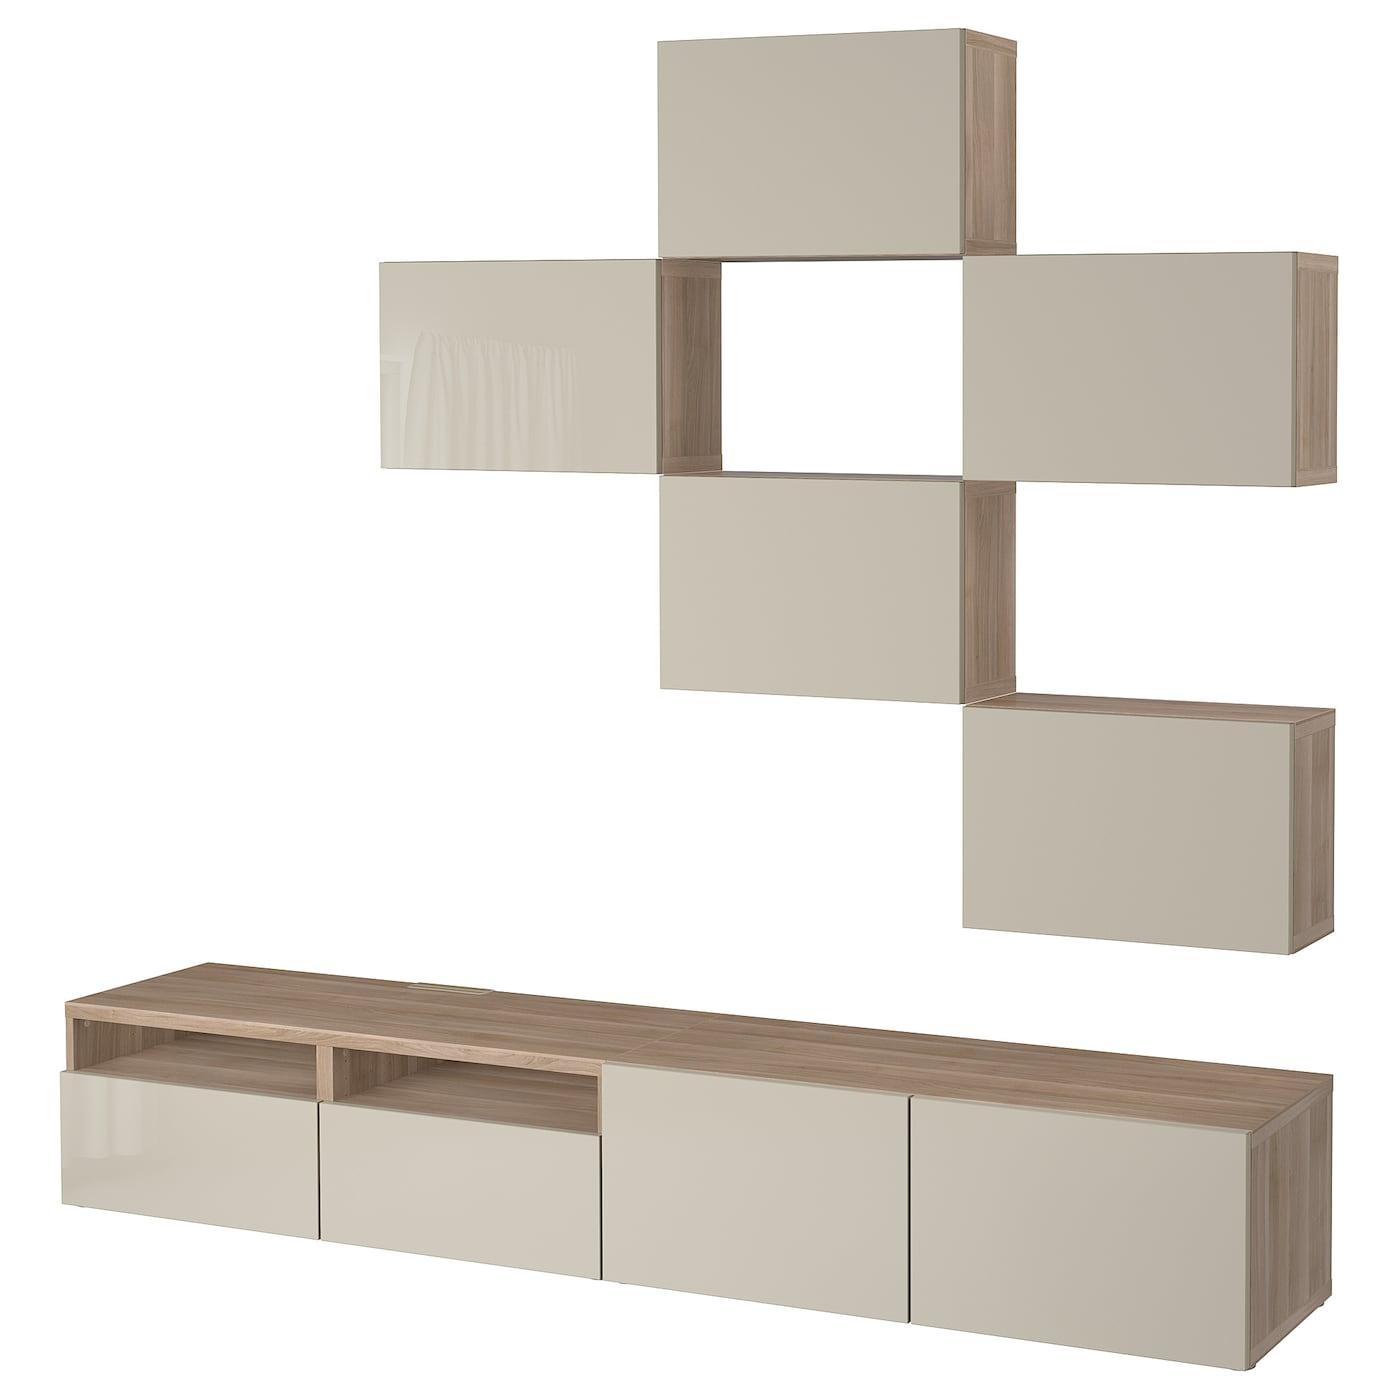 BESTÅ | Wohnzimmer > TV-HiFi-Möbel | Grau | Papier - Abs | IKEA